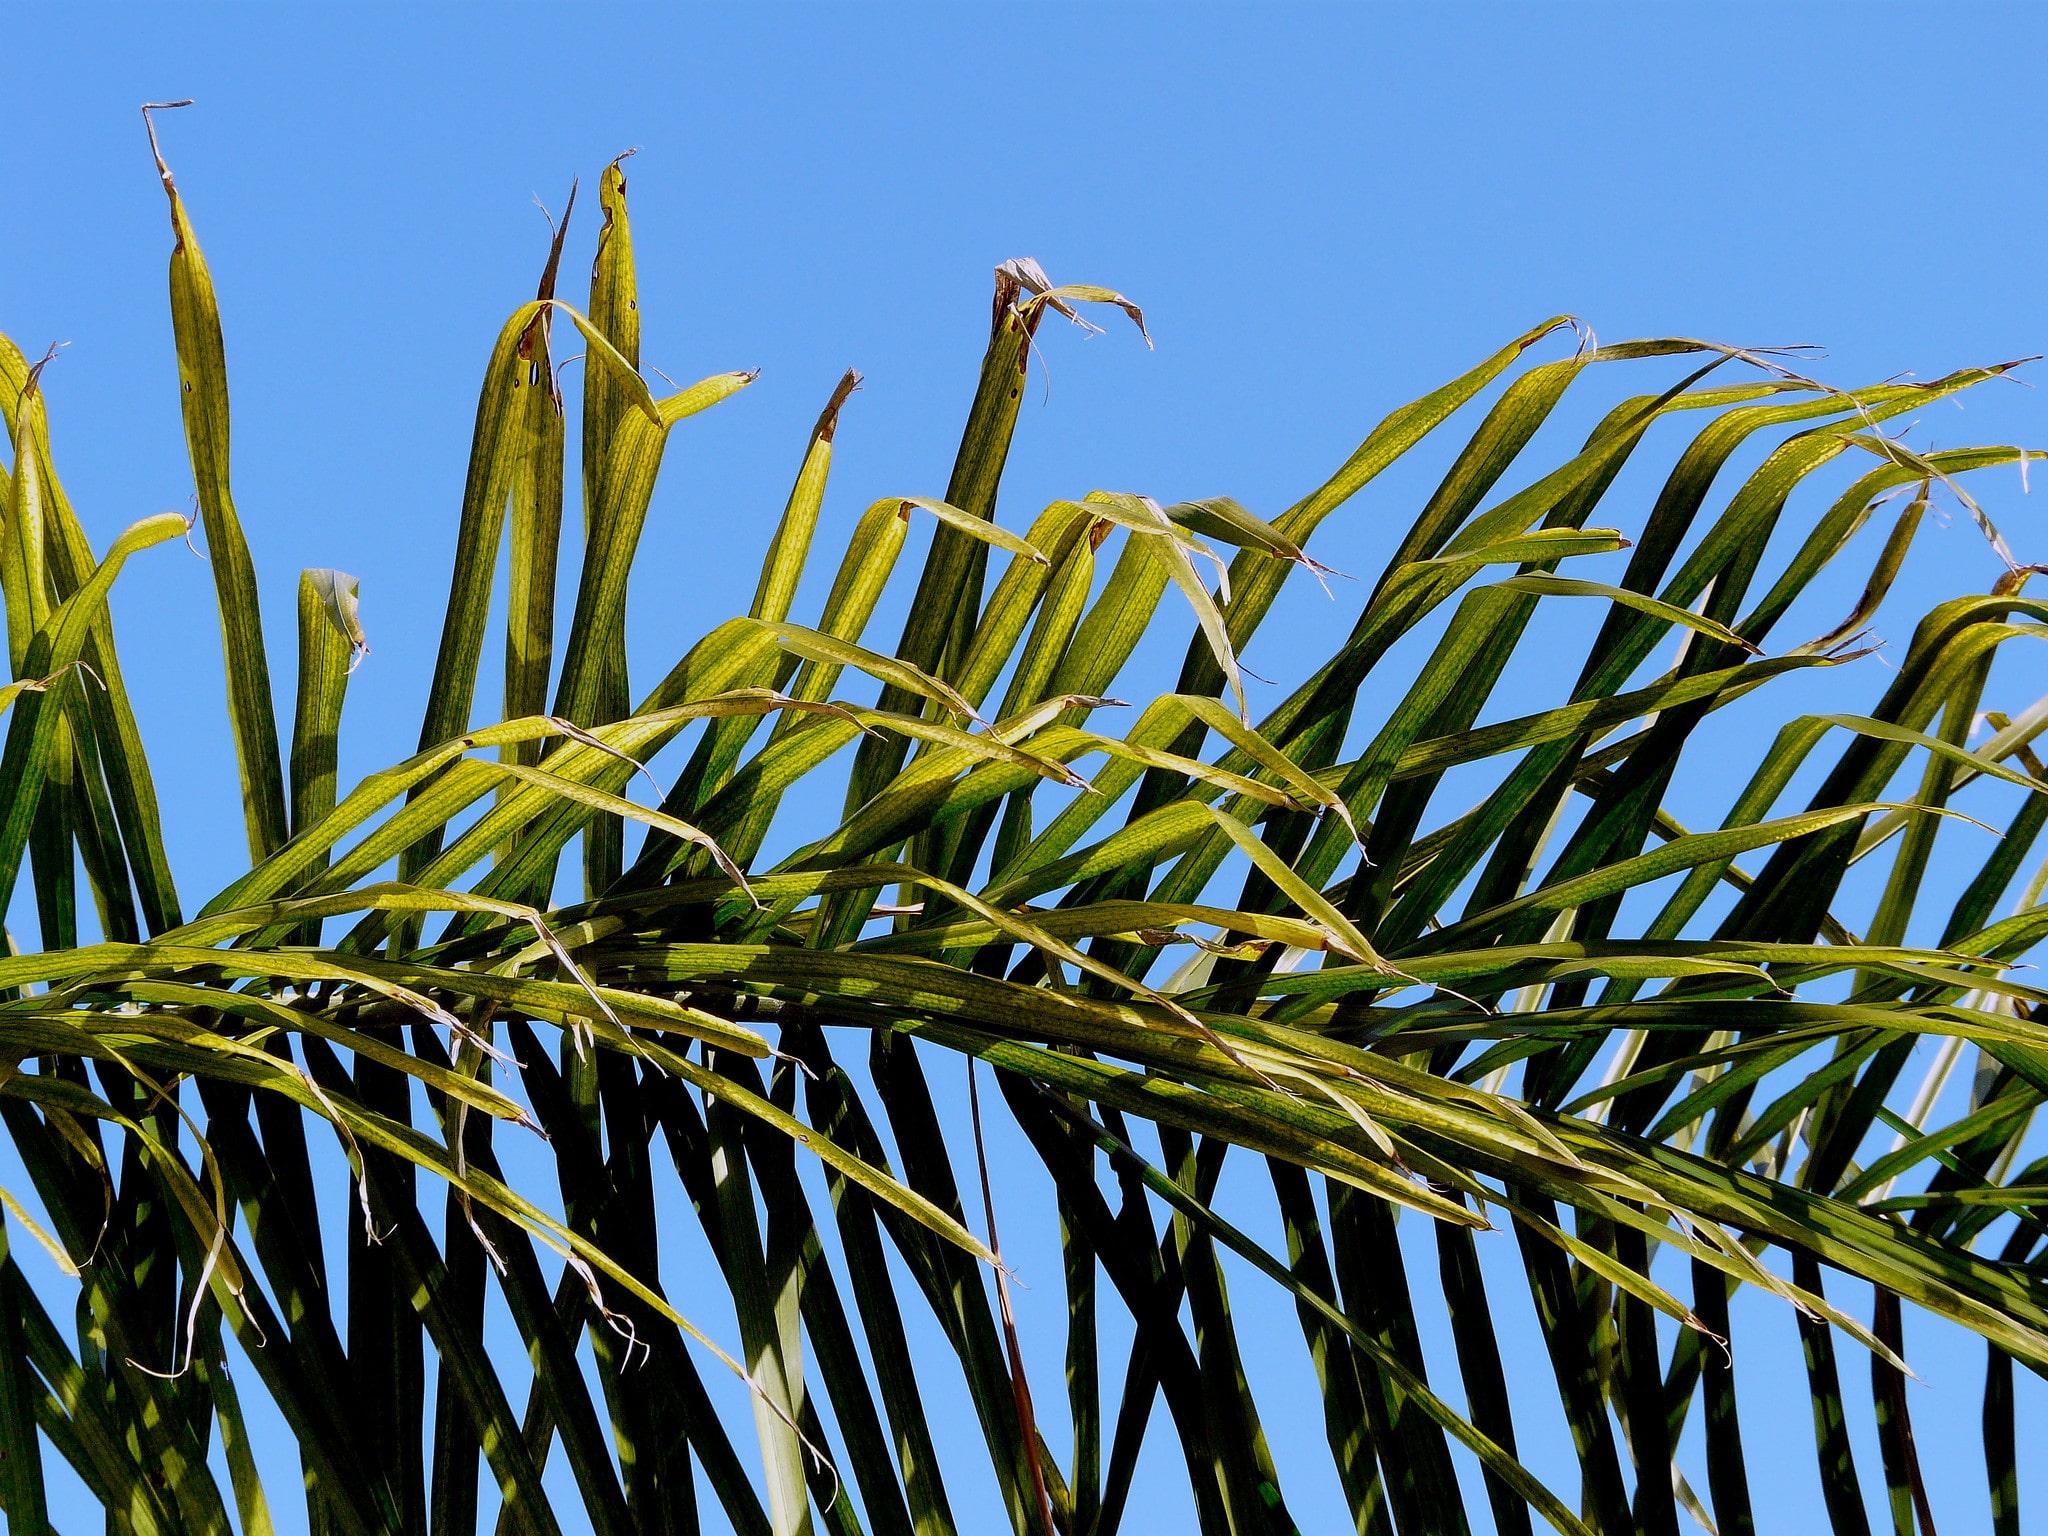 Las hojas del coco plumoso son pinnadas